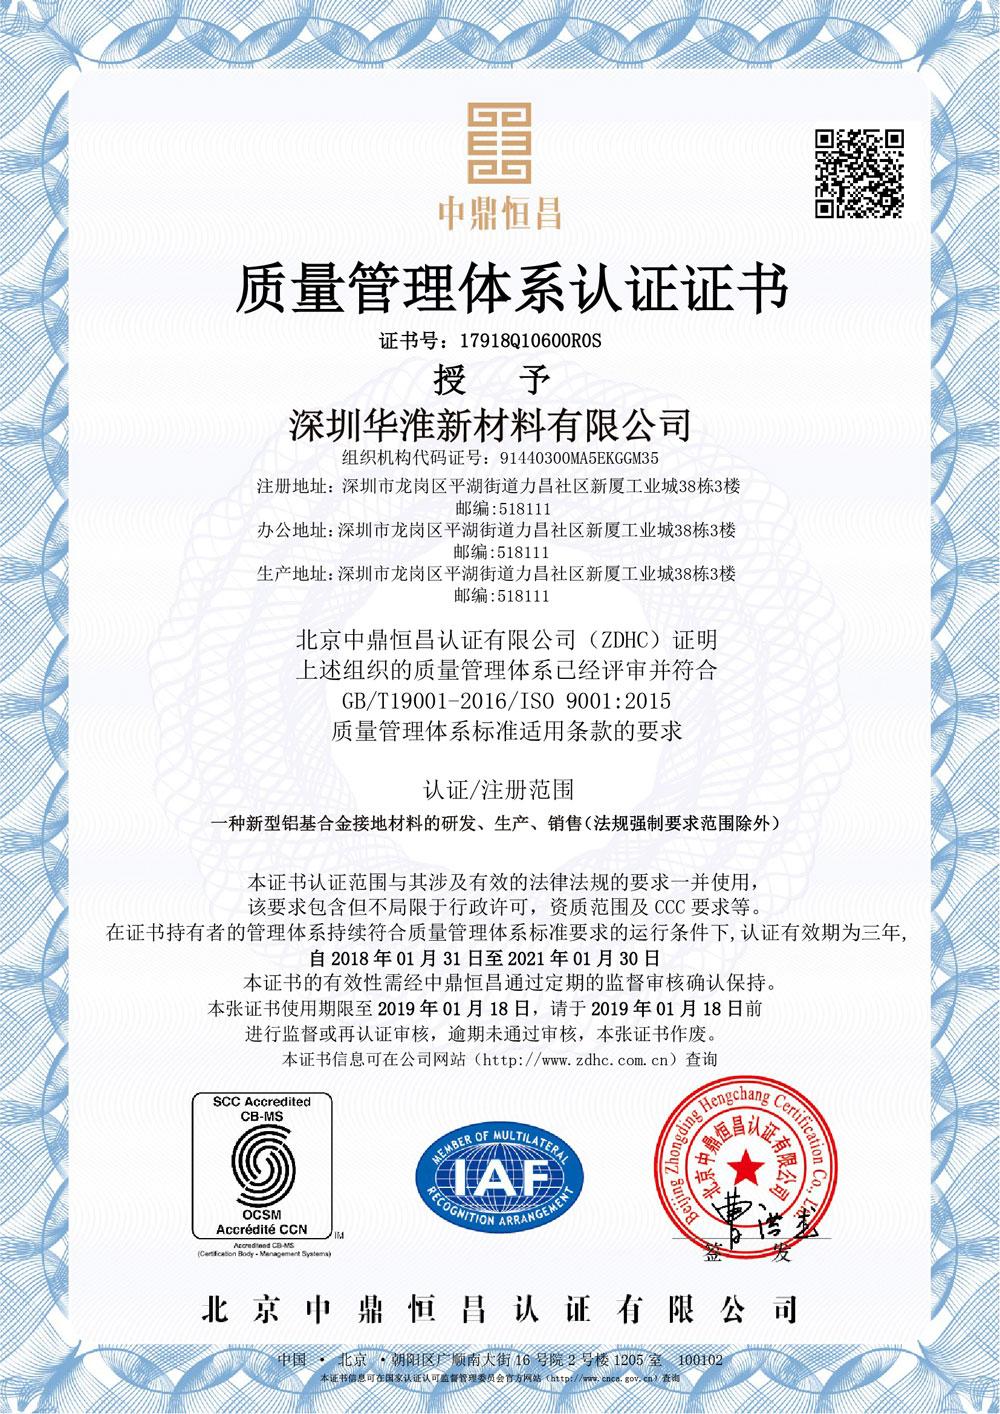 <b>全球贝斯特奢华游戏ISO全球贝斯特奢华游戏全球贝斯特奢华游戏认证证书</b>